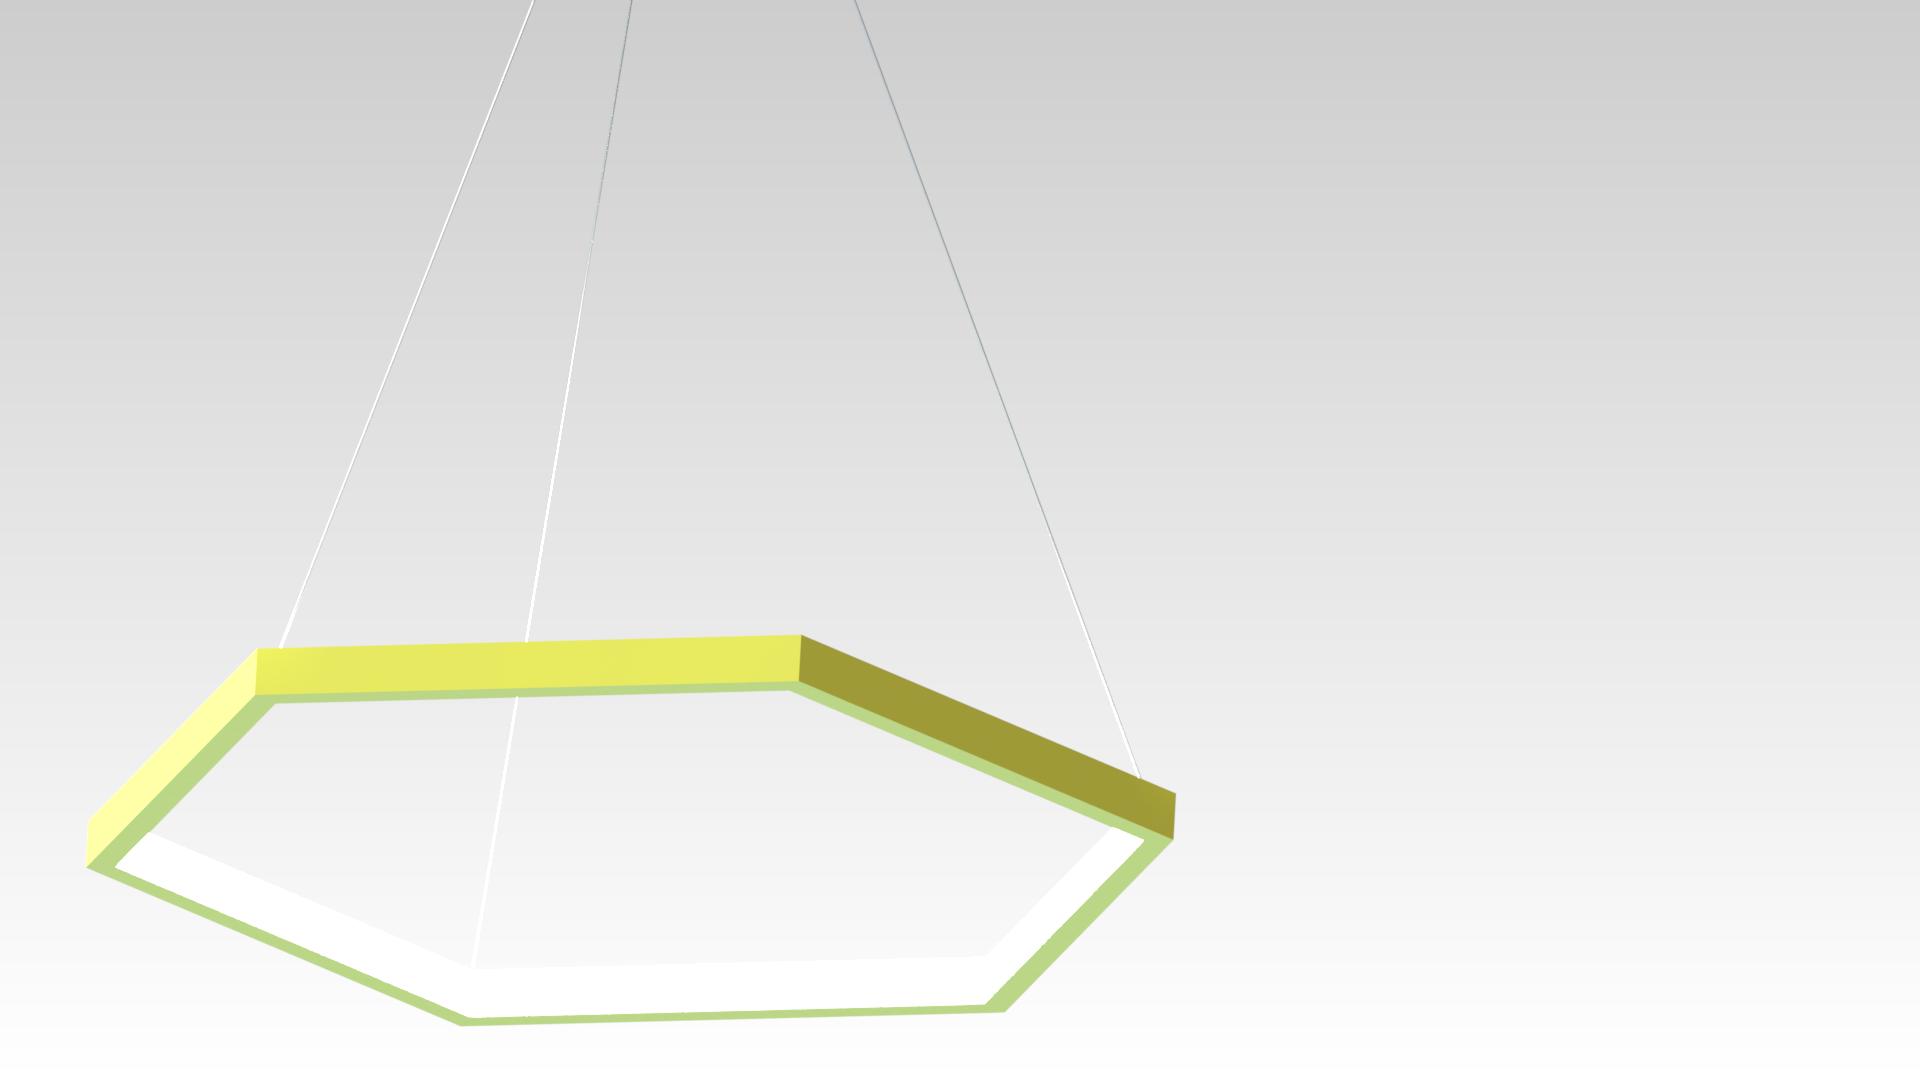 люстра шестиугольник светодиодная на подвесах желтая